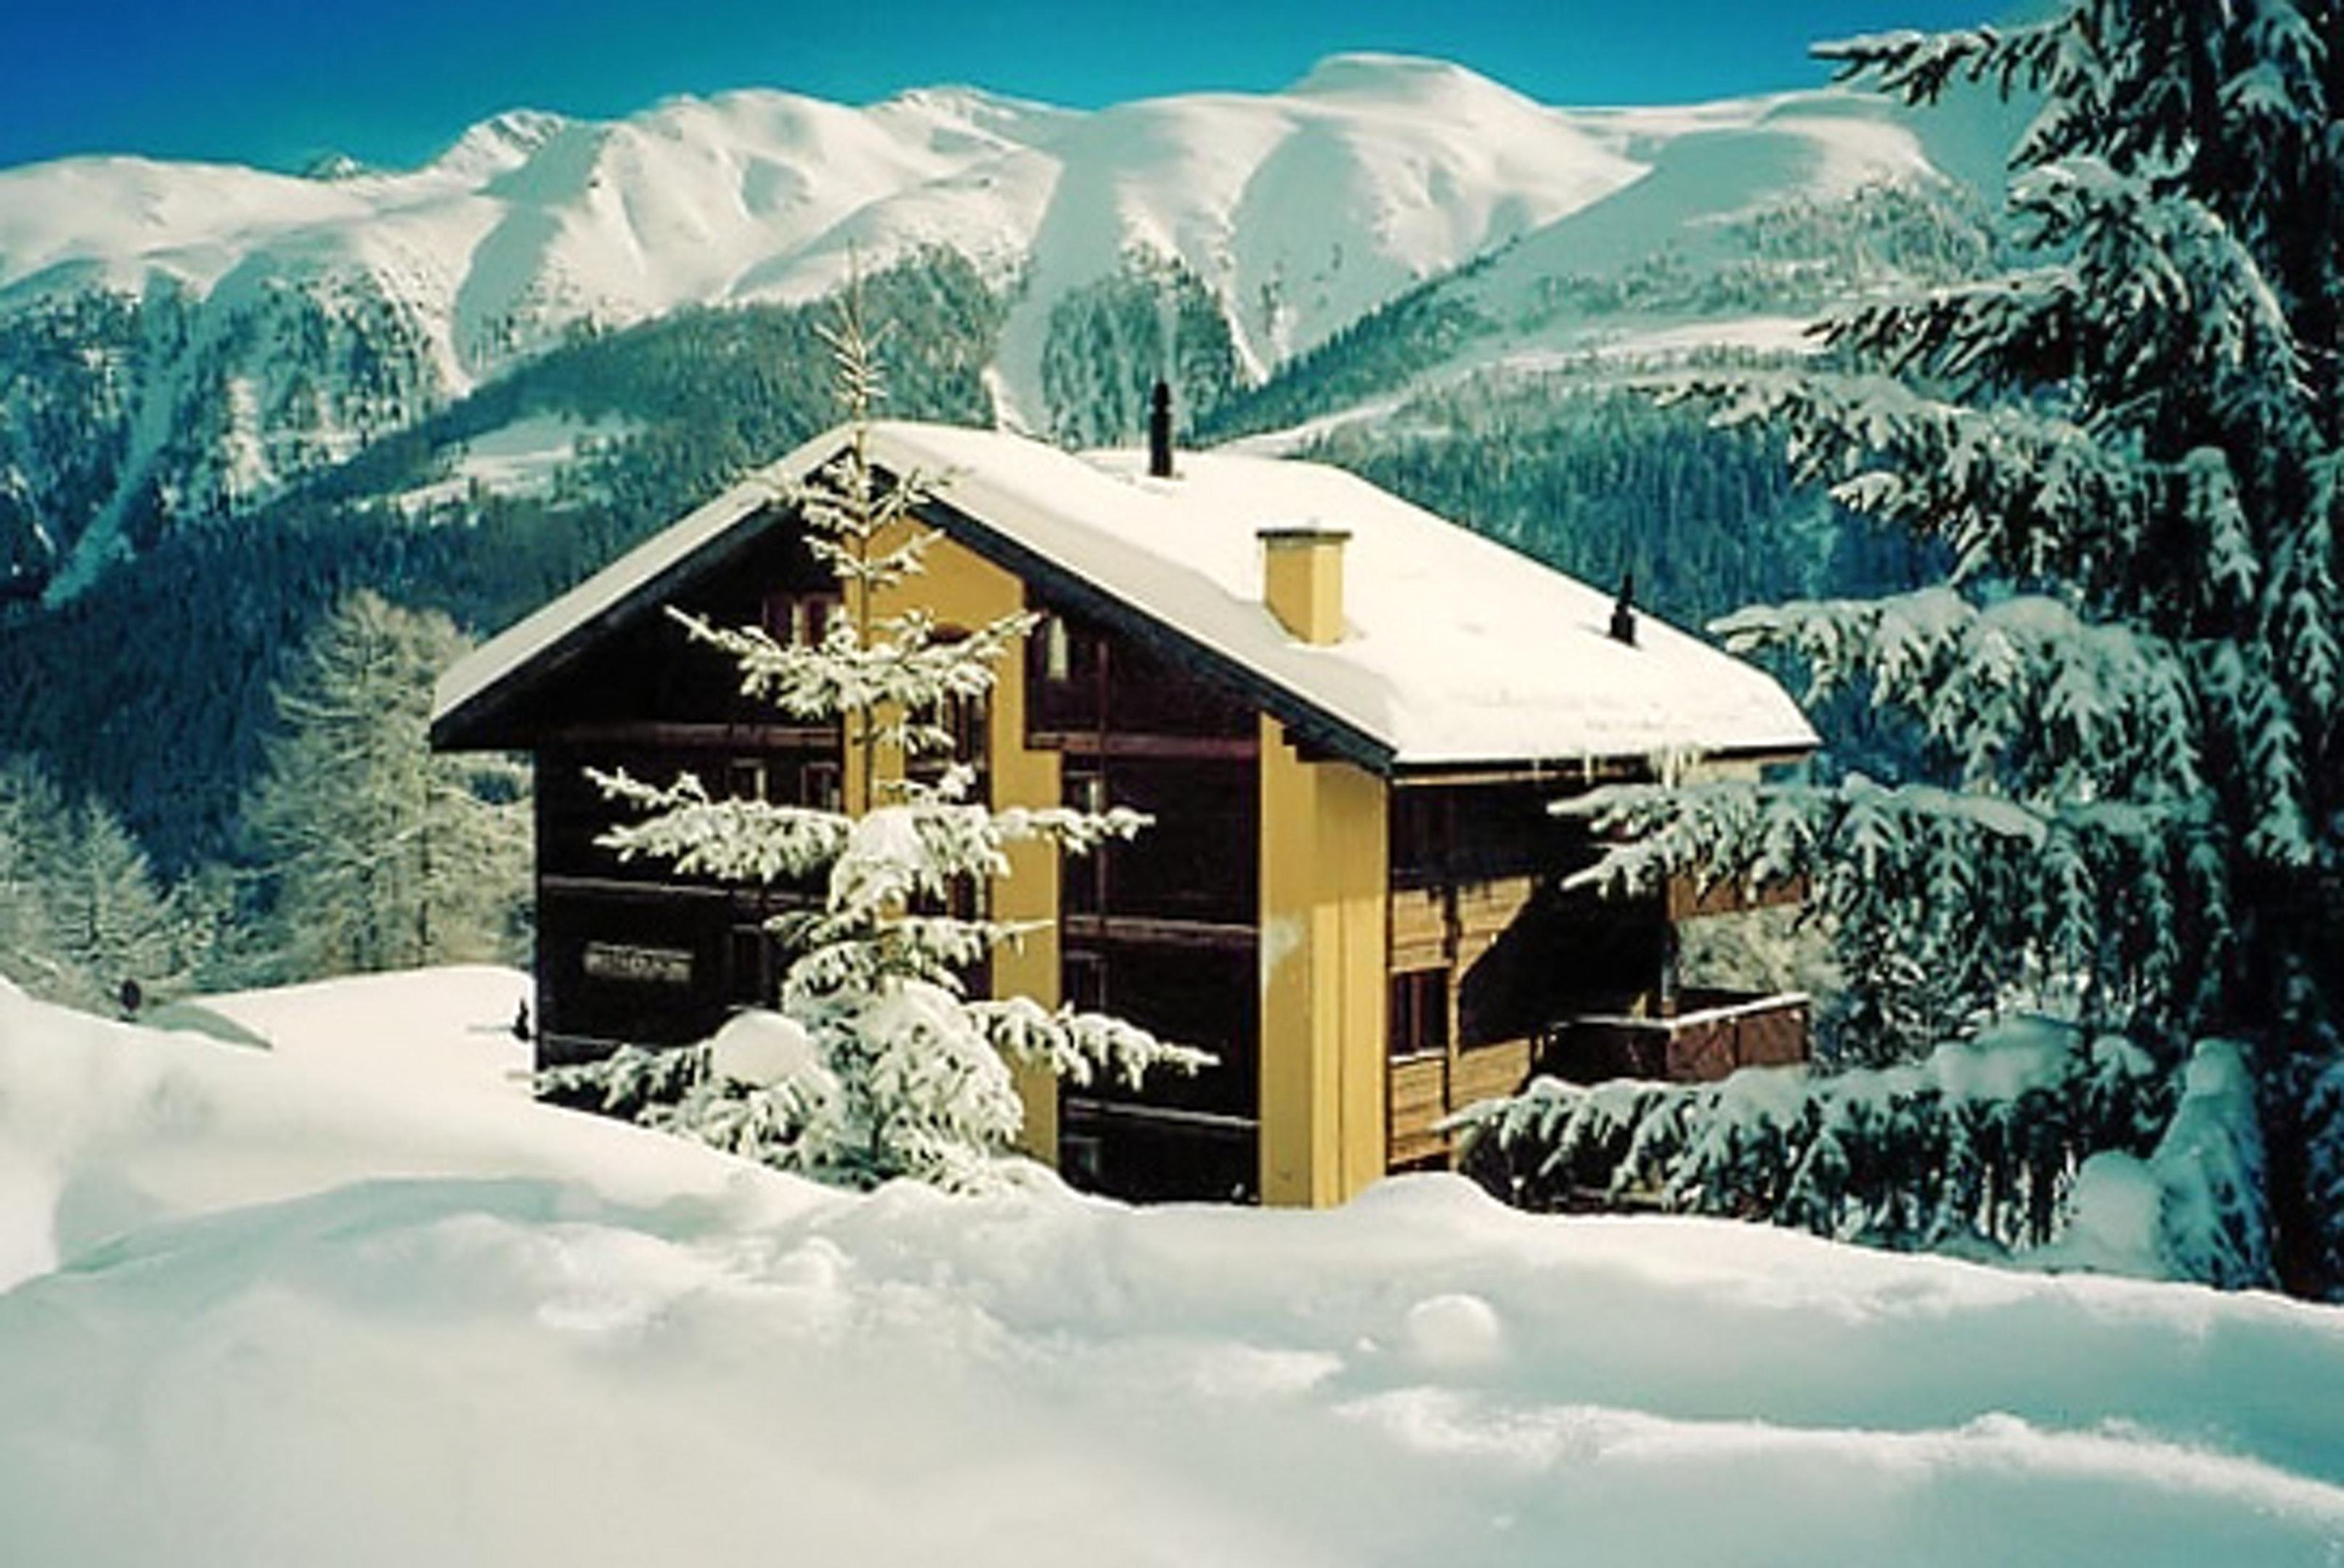 Appartement de vacances Wohnung mit 2 Schlafzimmern in Bellwald mit toller Aussicht auf die Berge, Balkon und W-LA (2201042), Bellwald, Aletsch - Conches, Valais, Suisse, image 23